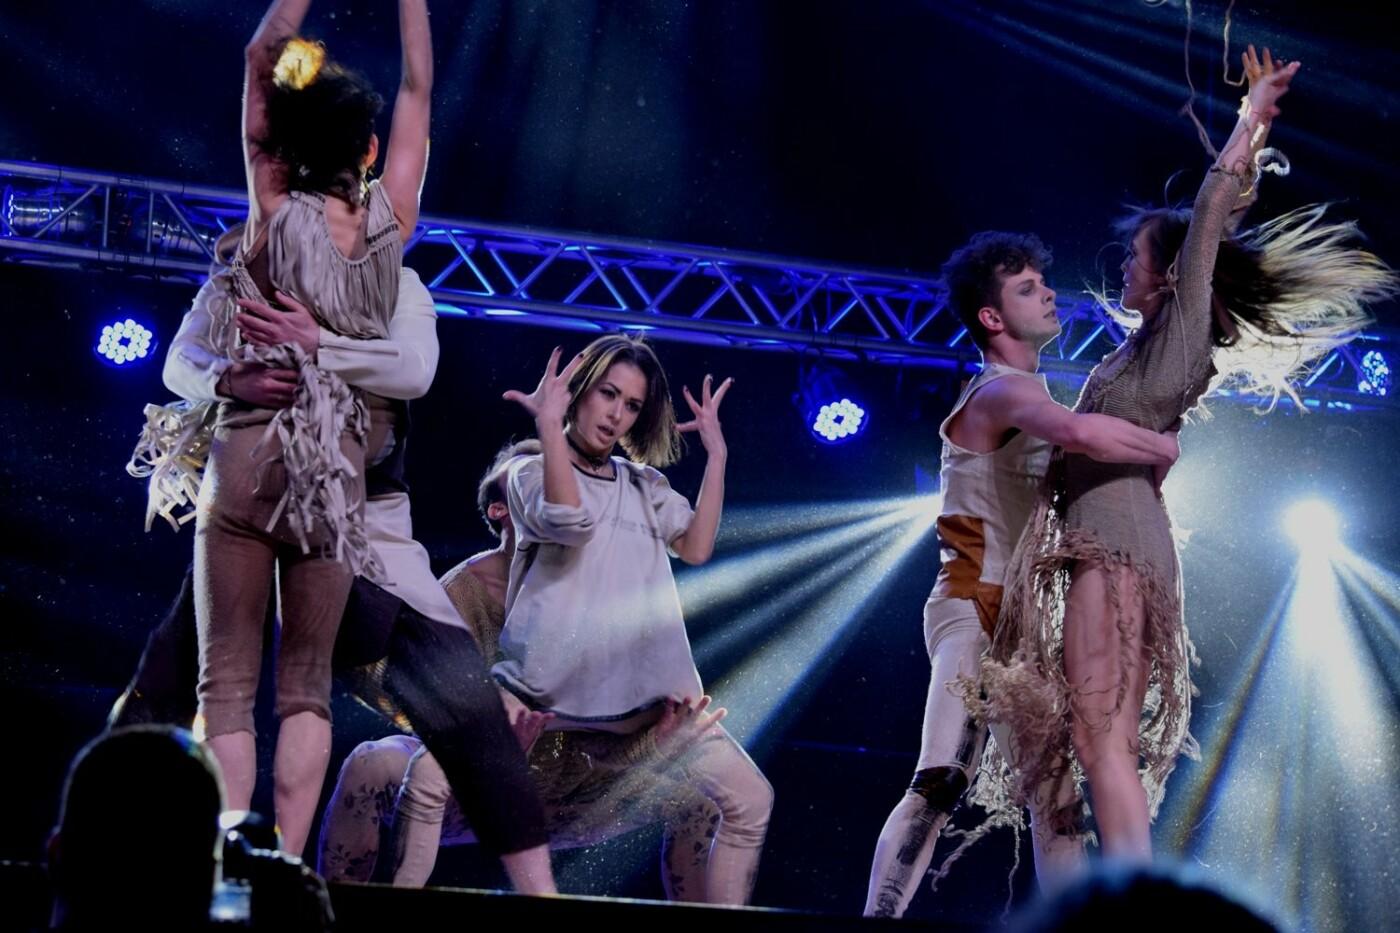 На ужгородський Чемпіонат з хіп-хопу «Get2Groove» завітало понад 70 колективів з України та закордону (ФОТО), фото-1